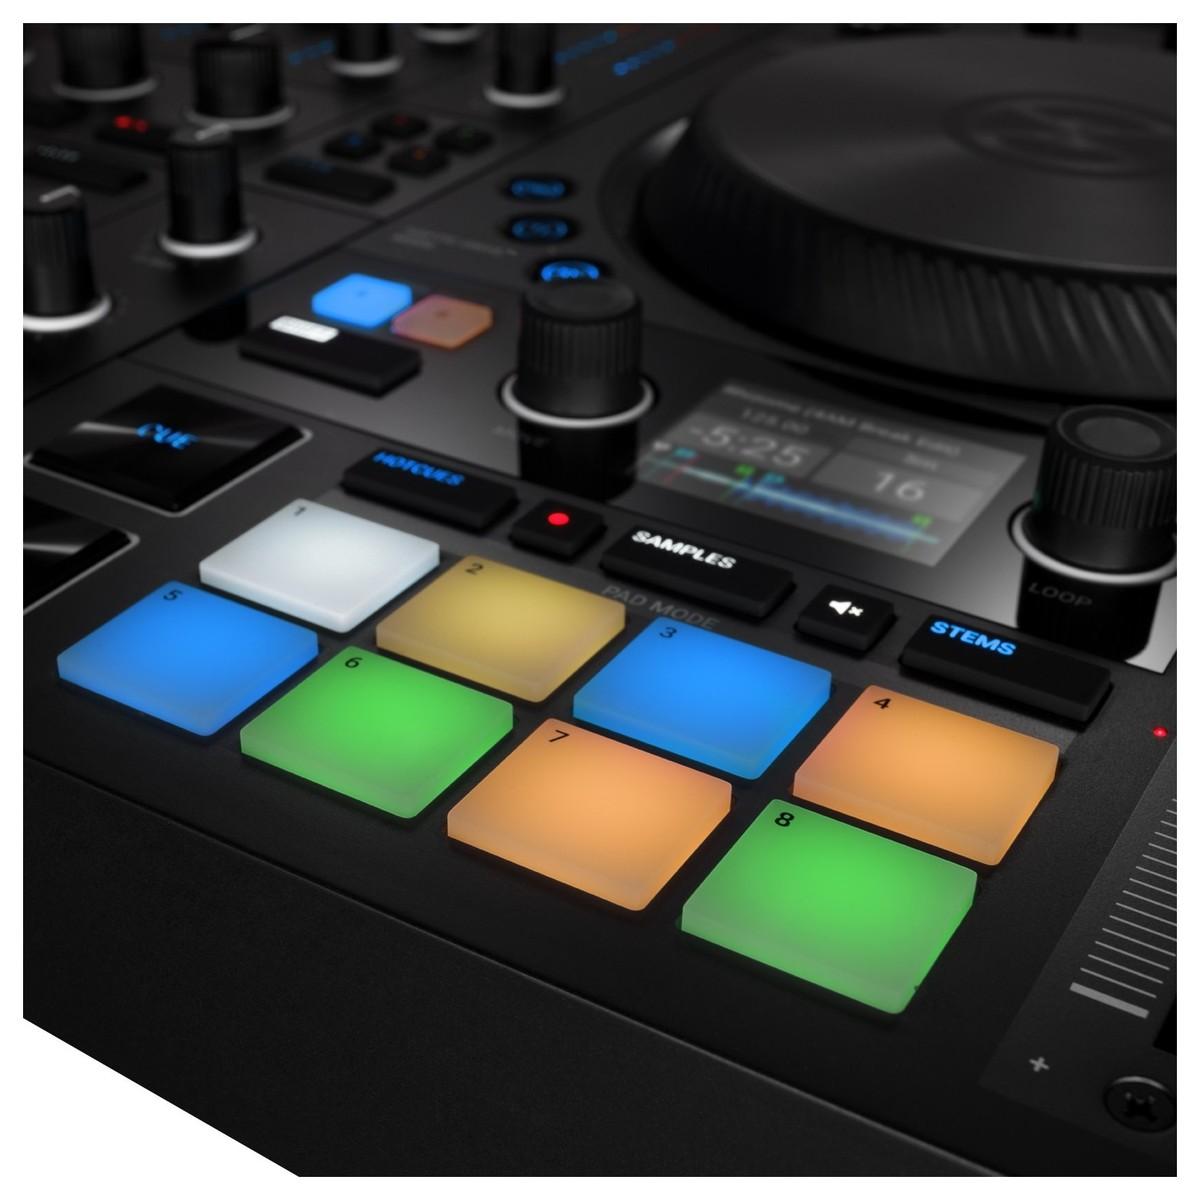 NATIVE INSTRUMENTS TRAKTOR KONTROL S4 MKIII CONTROLLER DJ MIDI MK3 4 CANALI 24 BIT 96KHZ 9